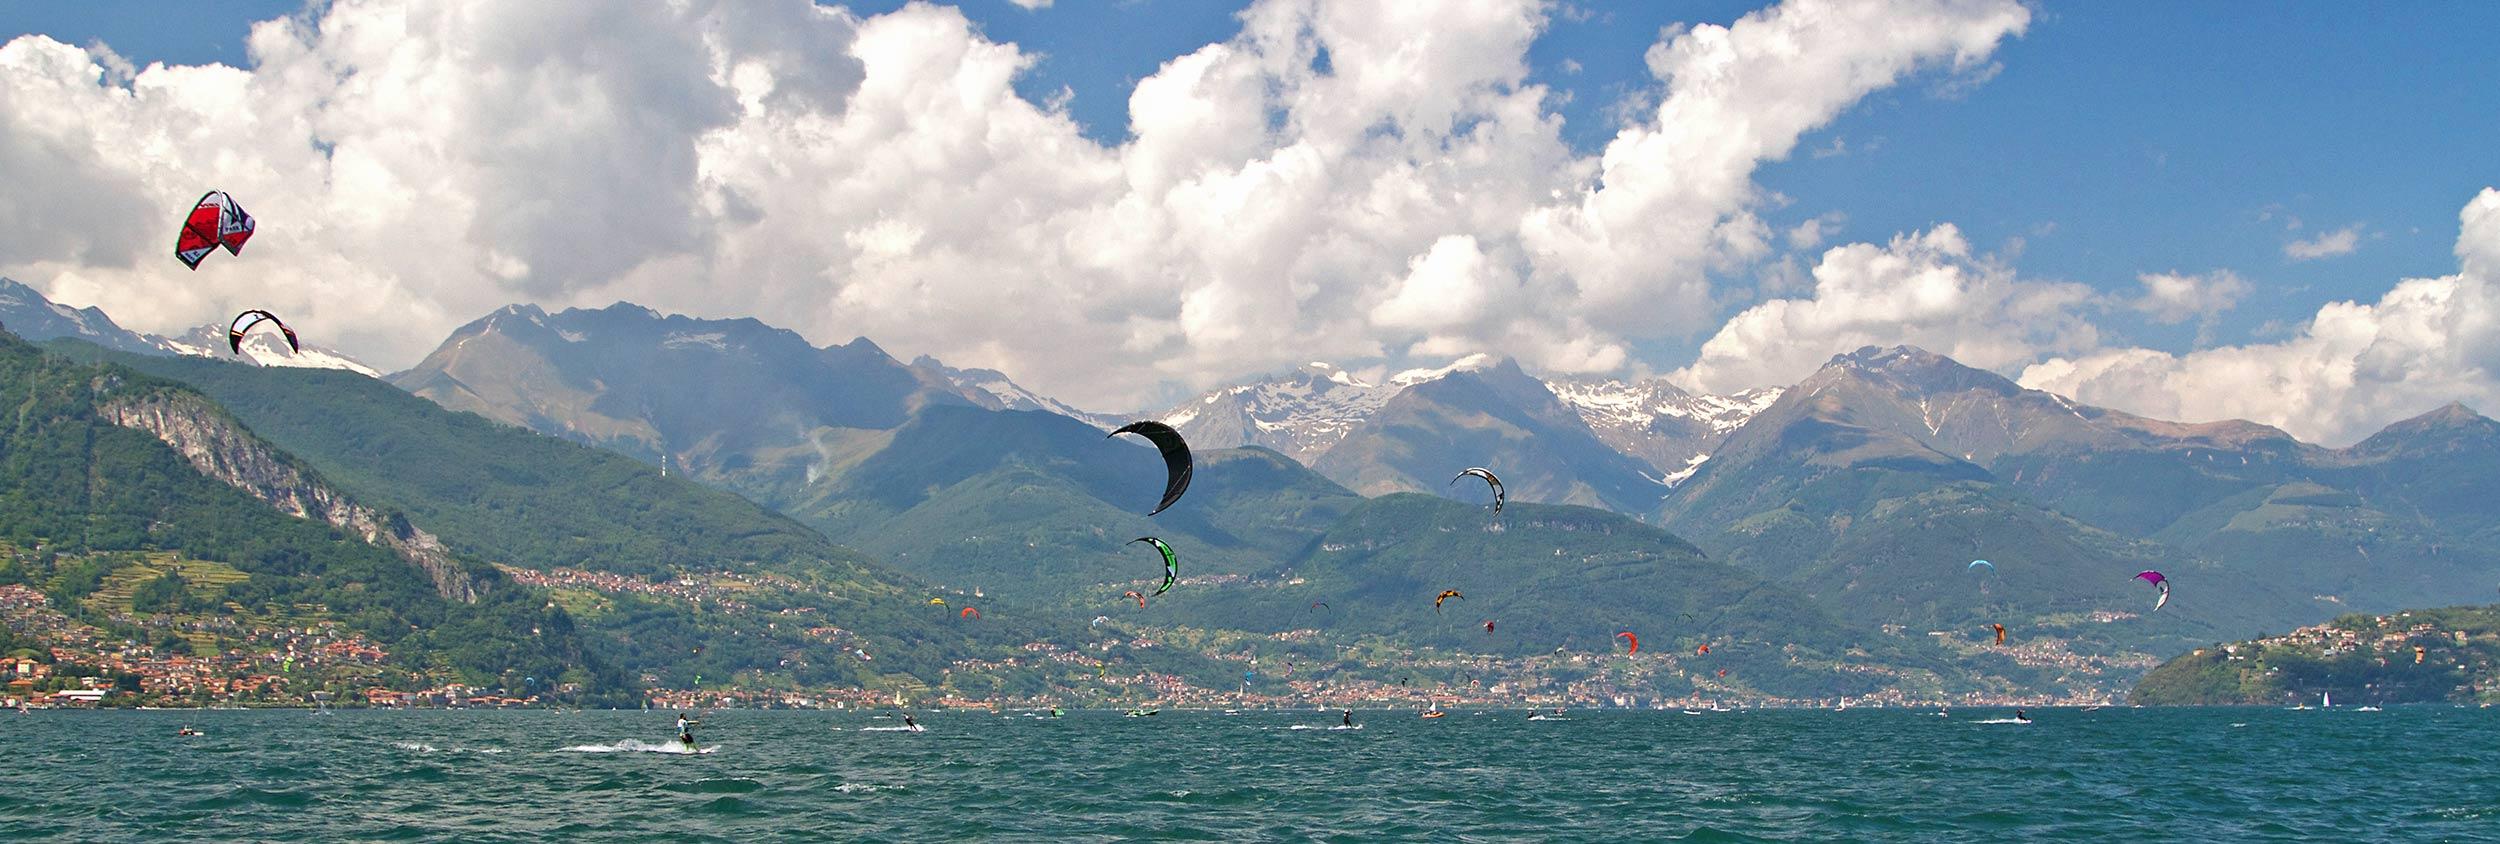 Kitesurfing on Lake Como in Italy for the travelling kitesurfer